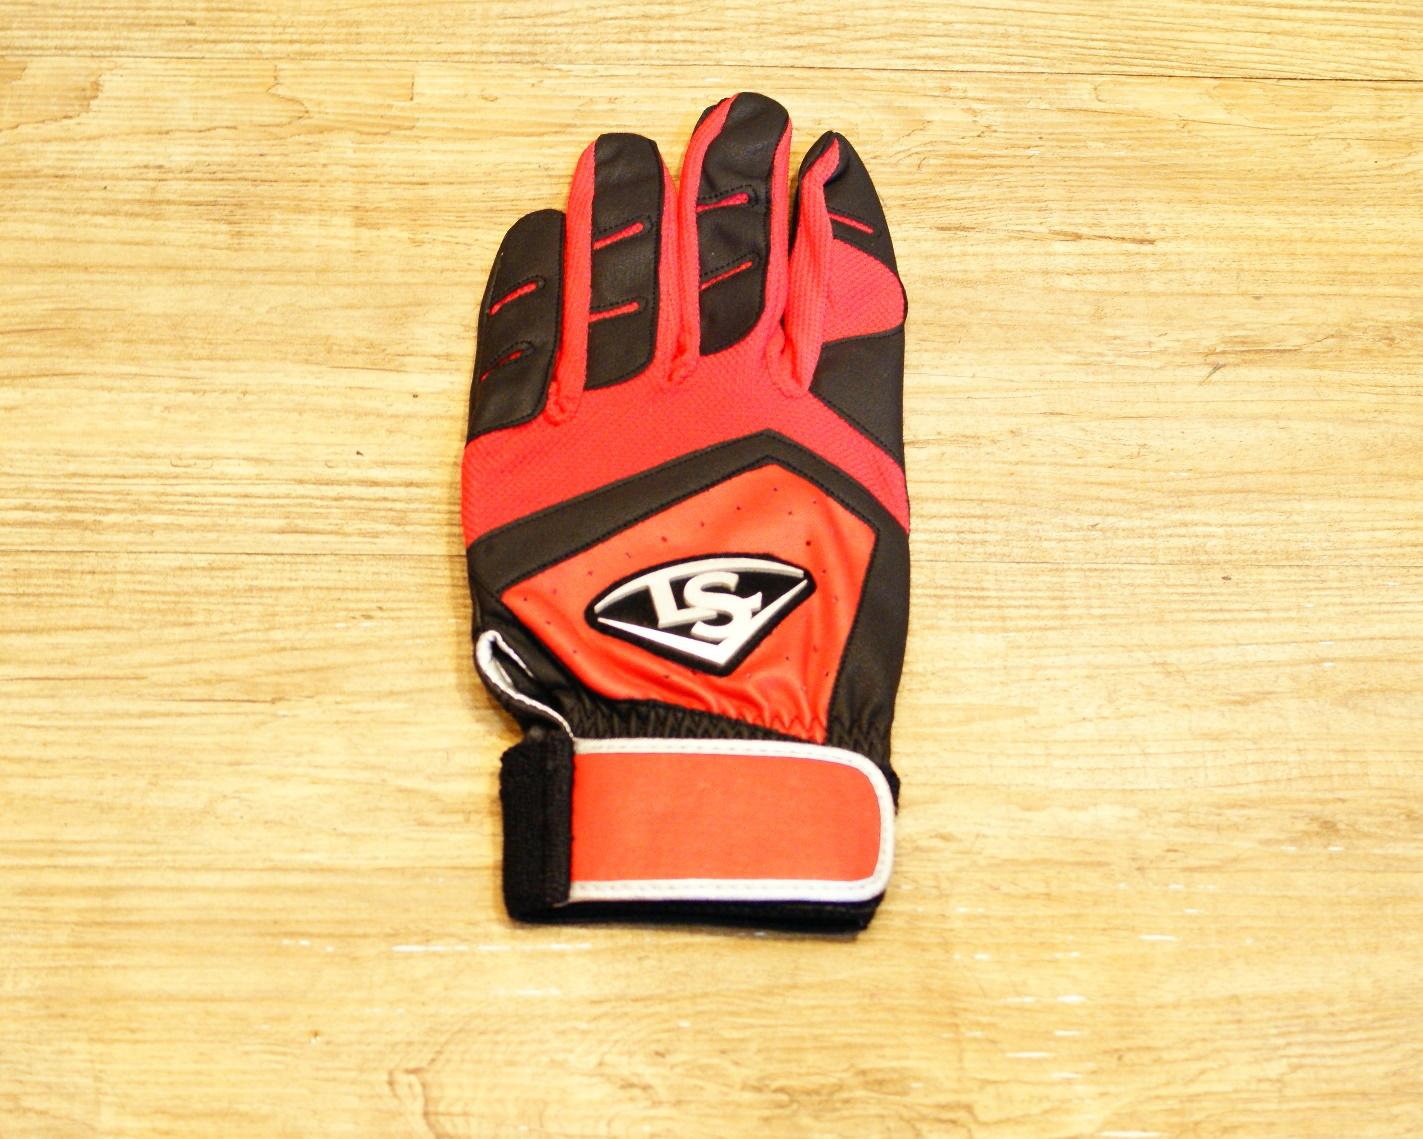 棒球世界 14年Louisville 路易士進口打擊手套 特價 只有XL號